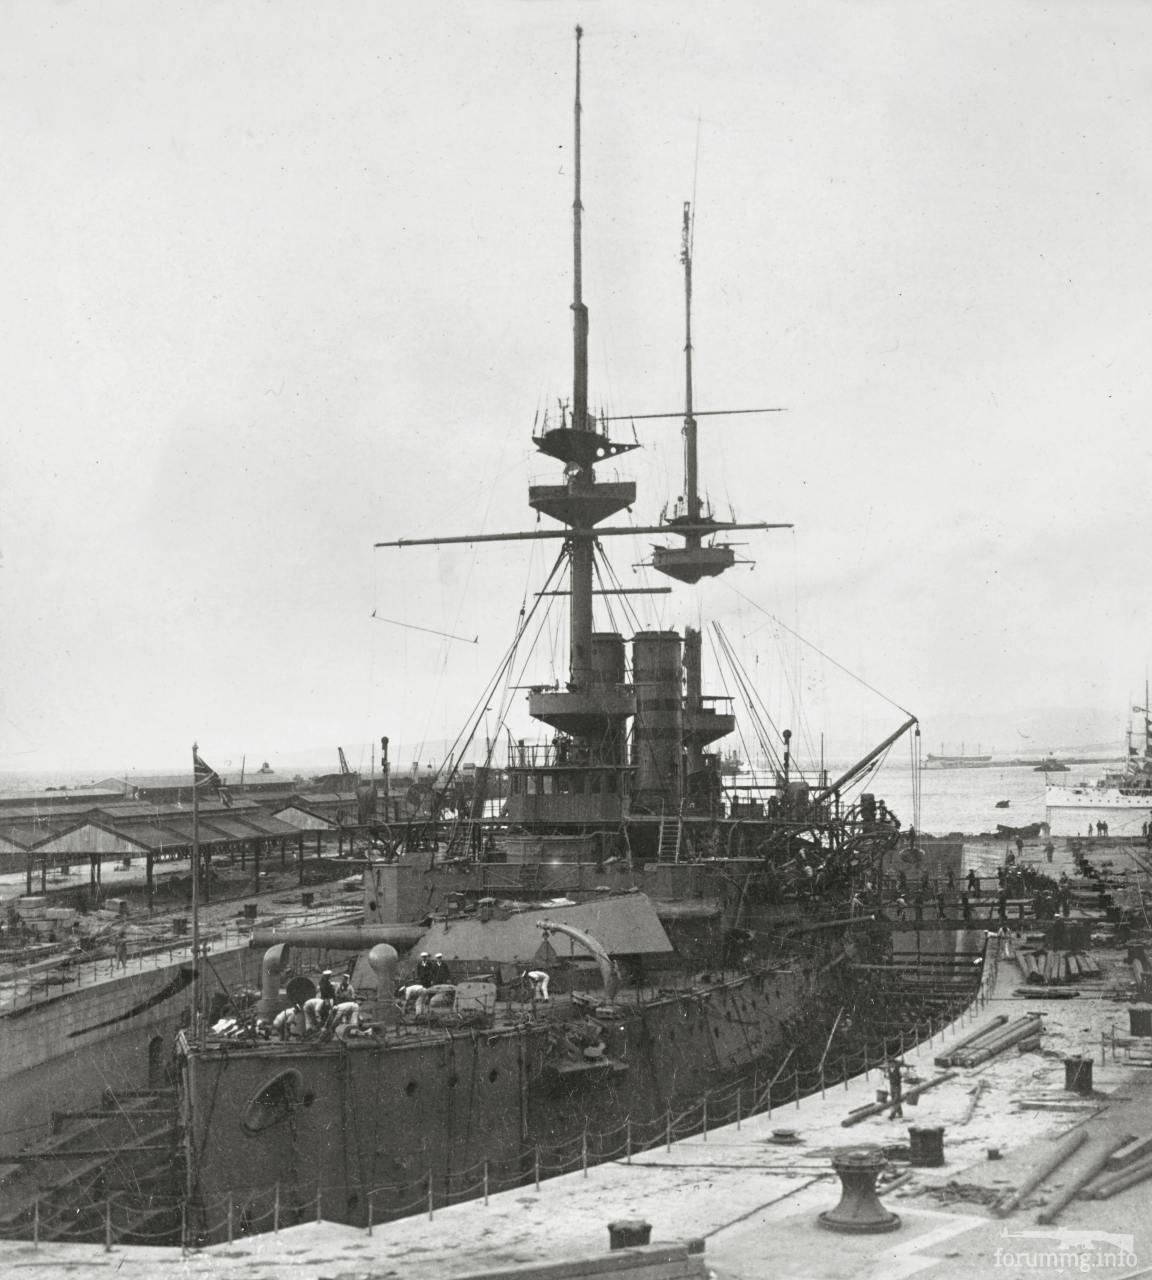 136530 - Броненосец HMS Magnificent в доке Гибралтара, 1907 г.